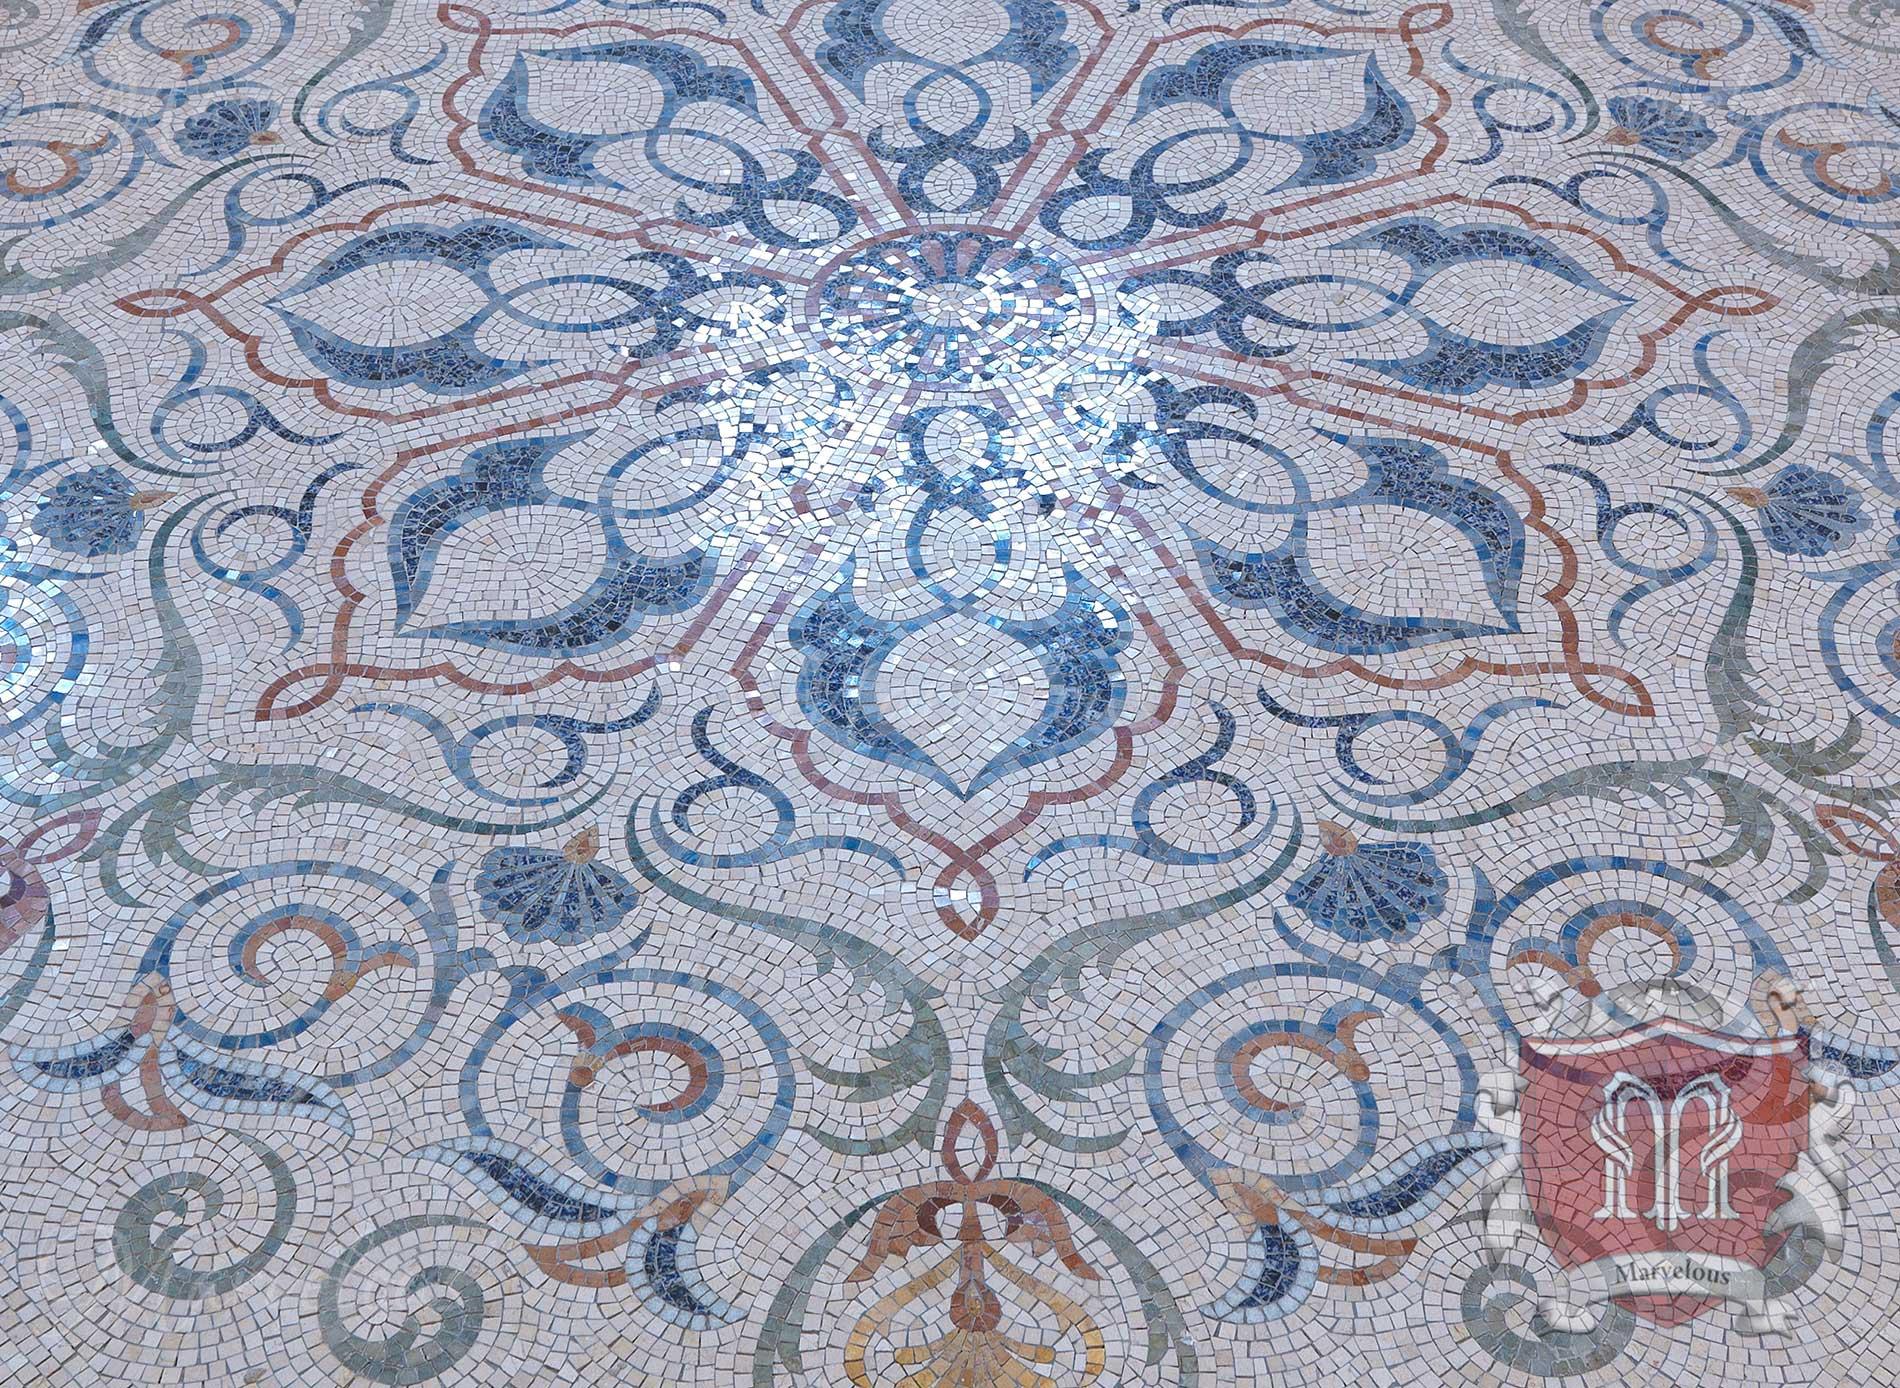 Marble Floor Mosaic: Capriccio